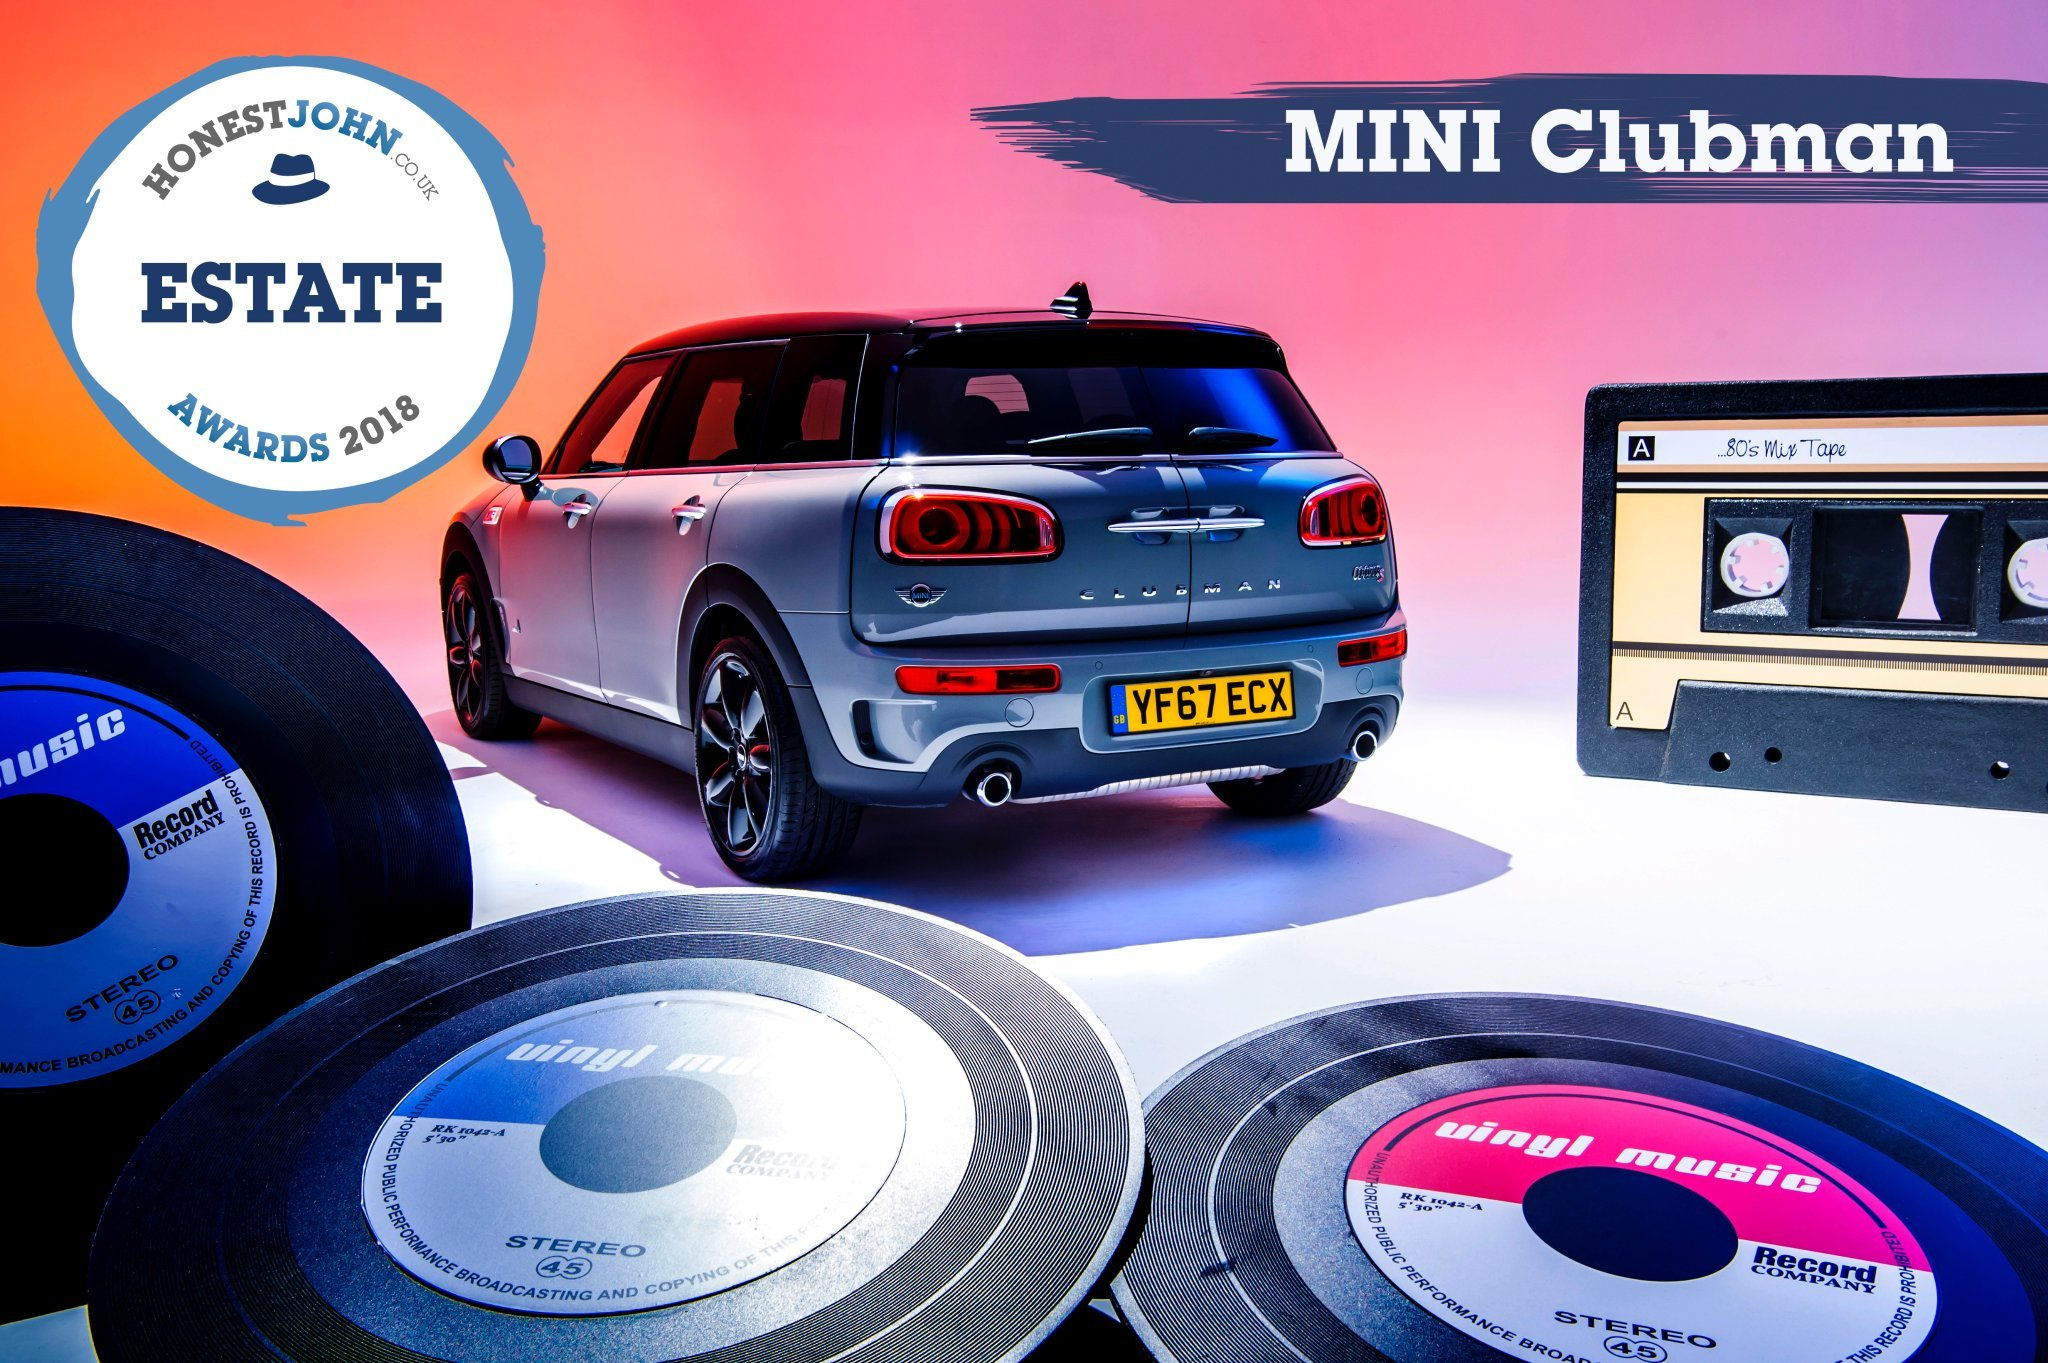 MINI Clubman wins most popular Estate award